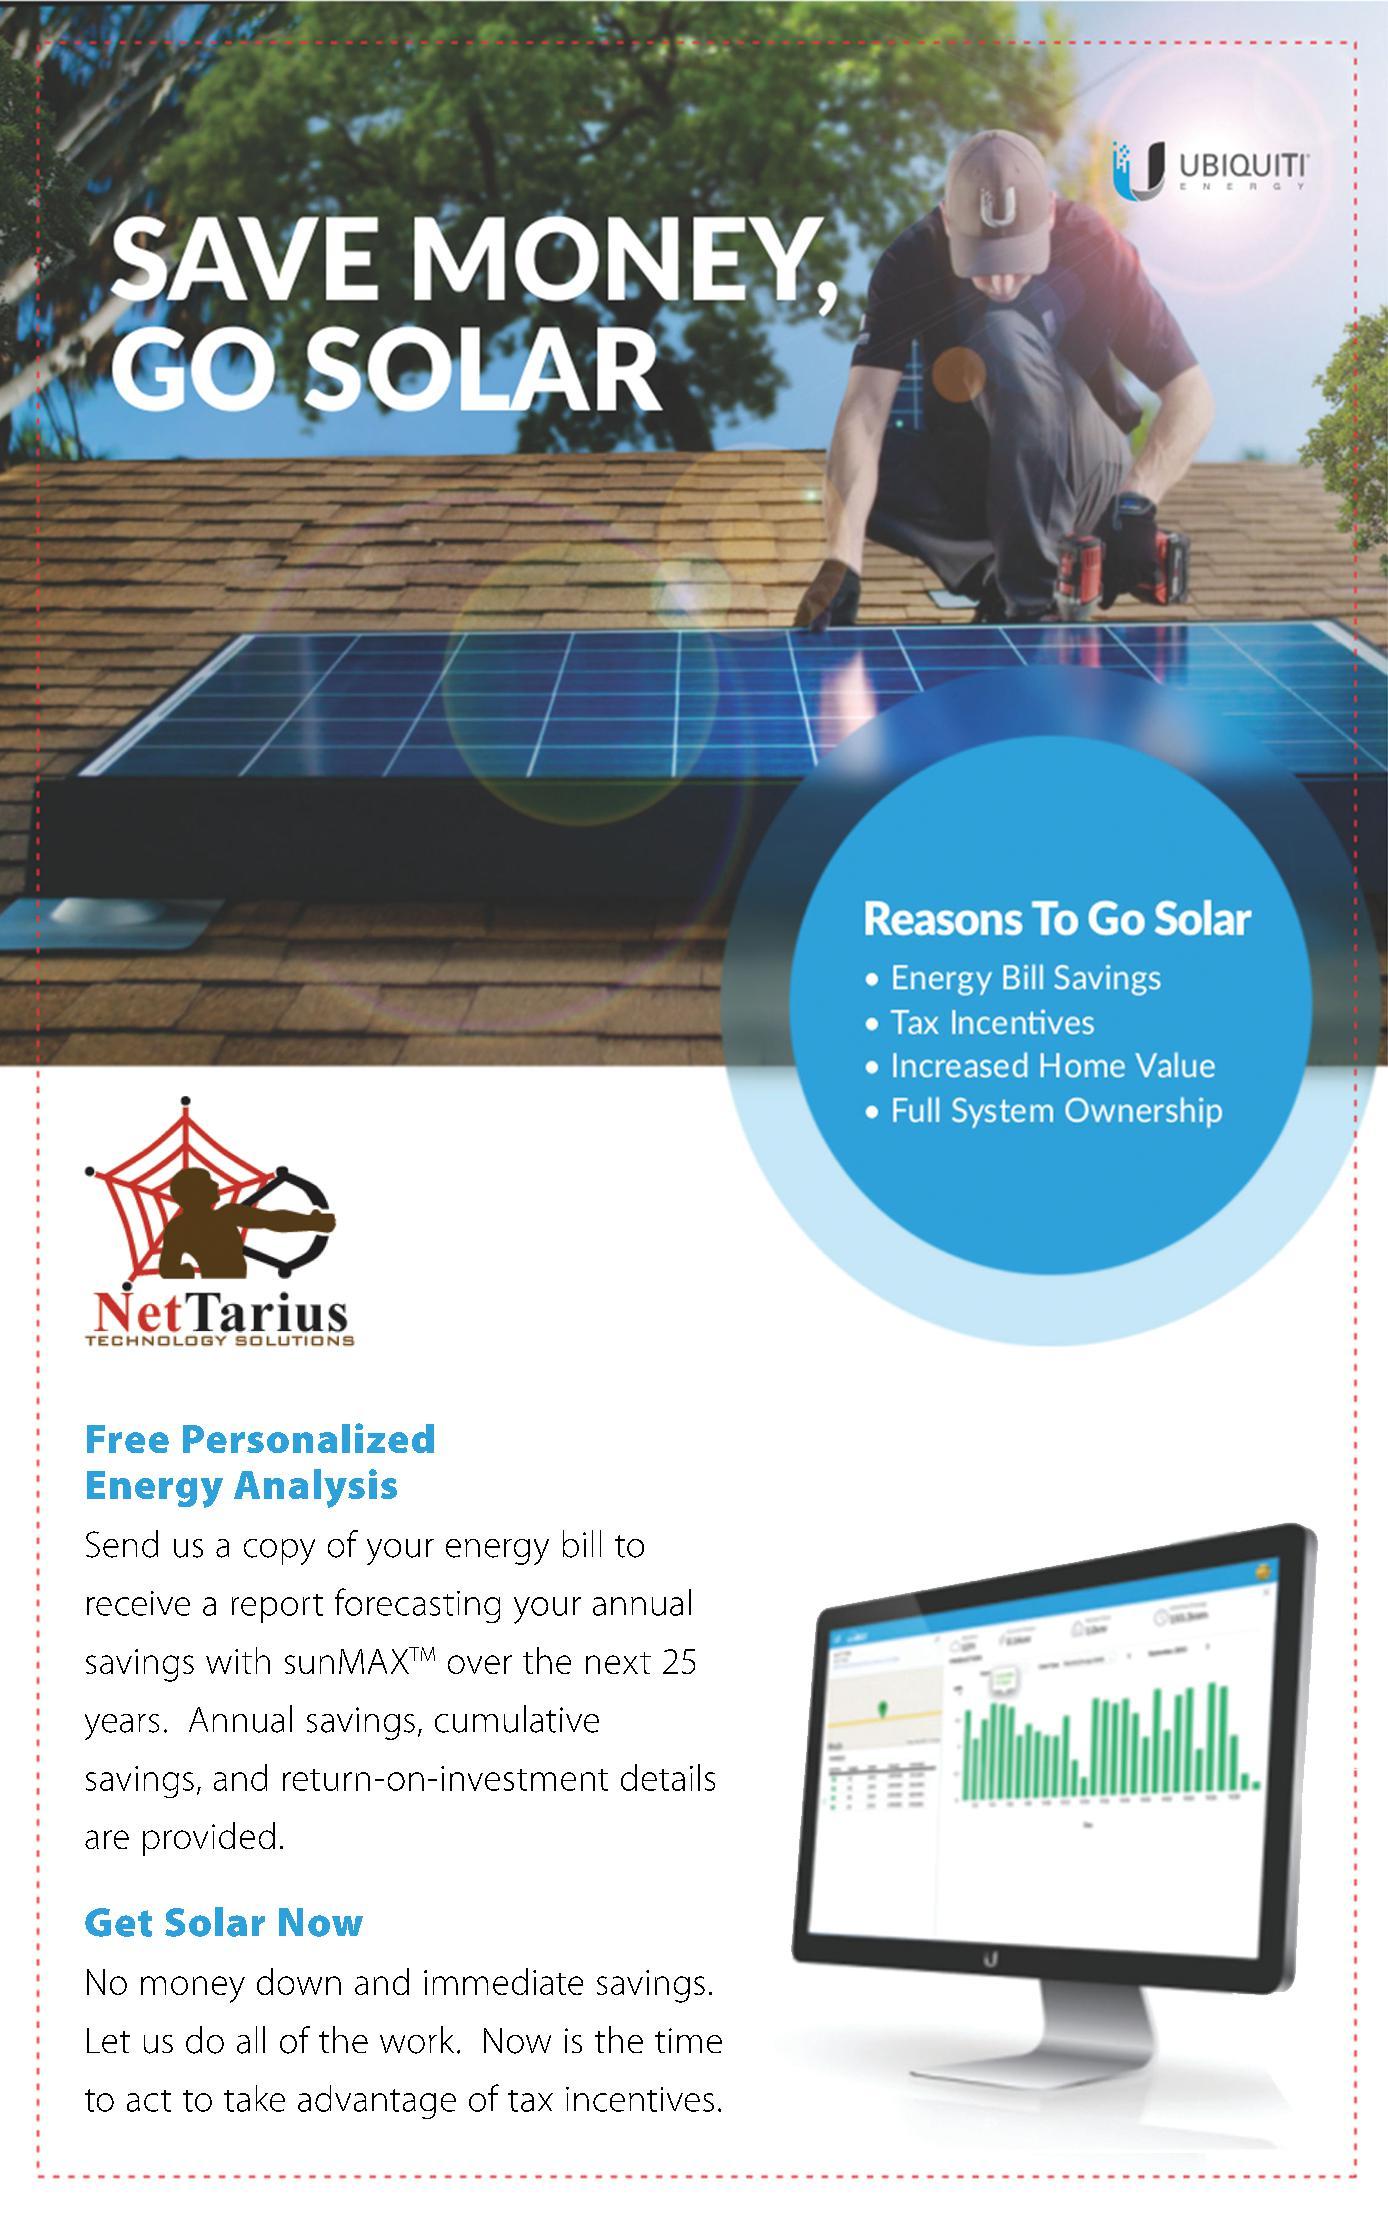 NetTarius Technology Solutions